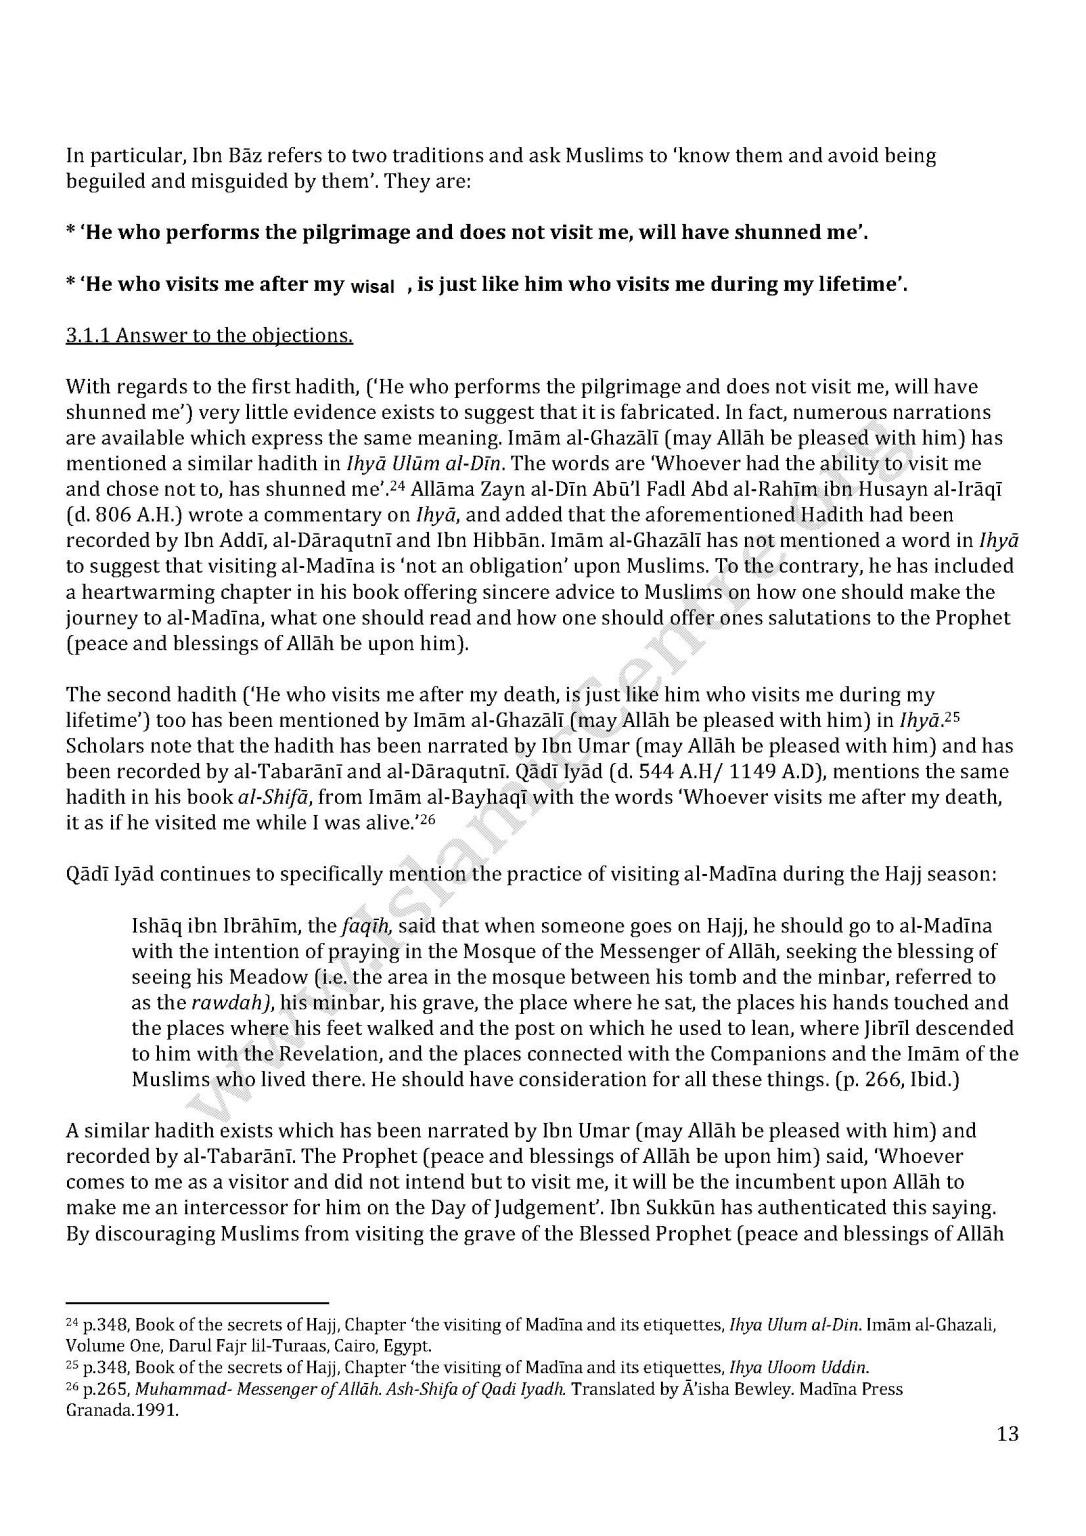 HistoryofMasjidNabawi_Page_13